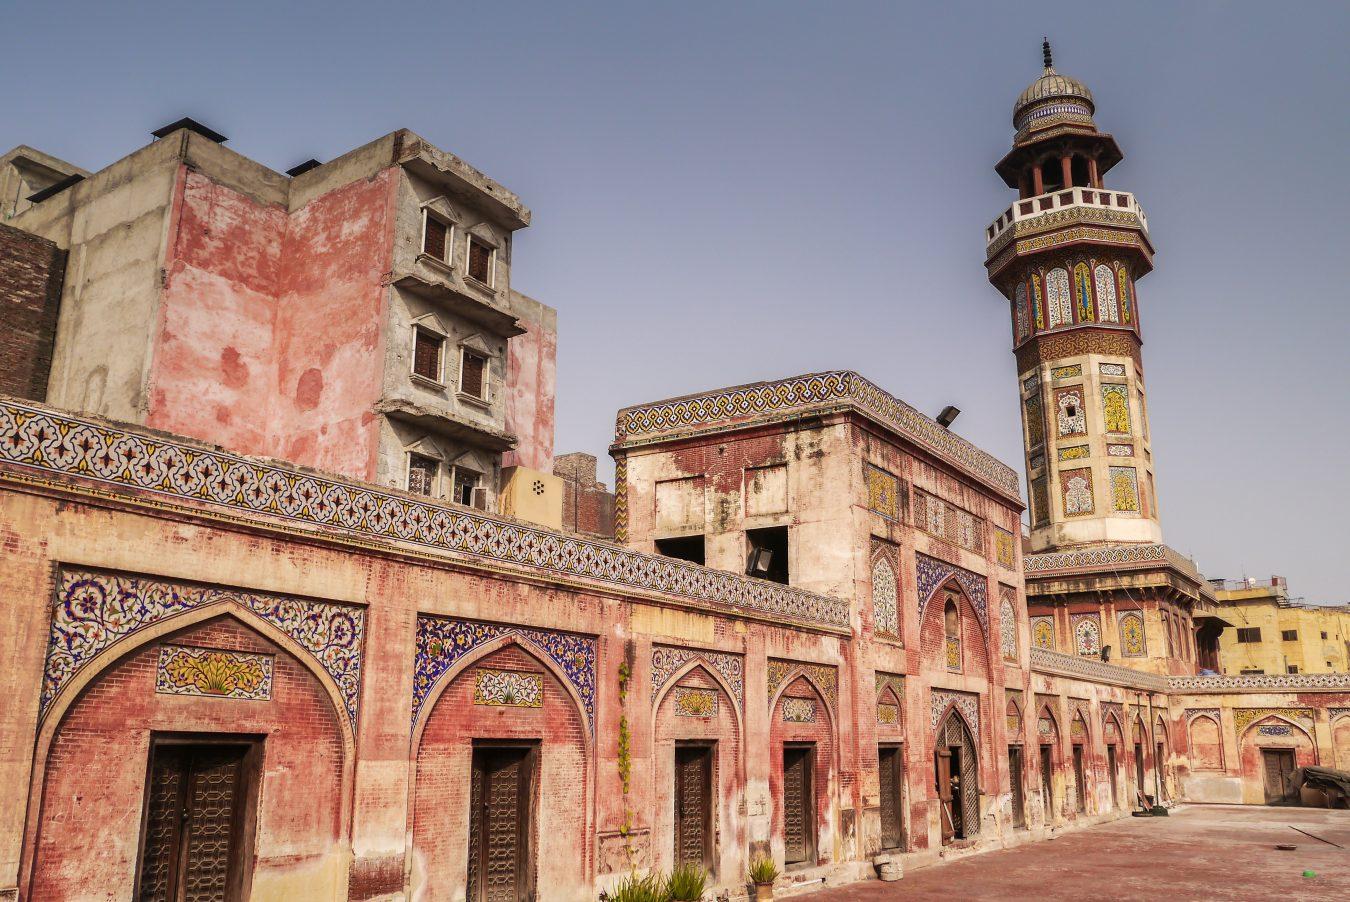 Meczet Wazir Khan